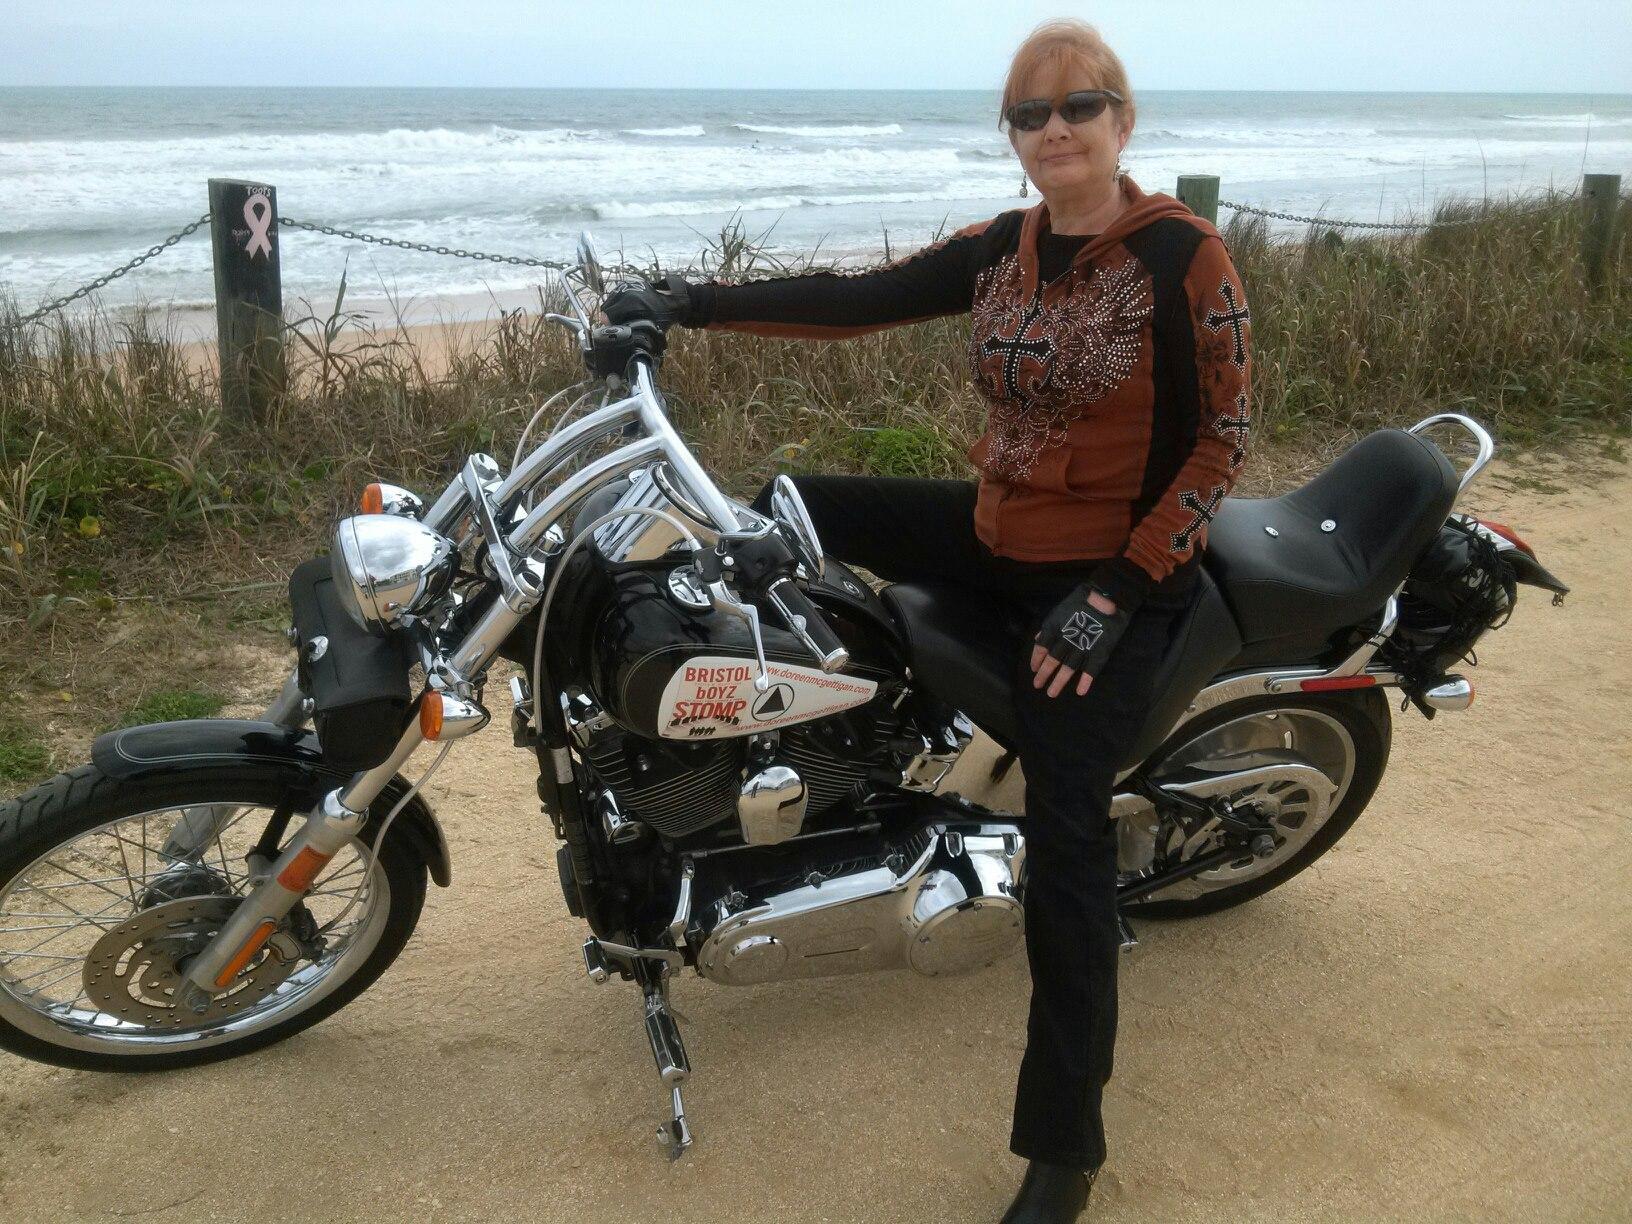 Daytona Biker Girl